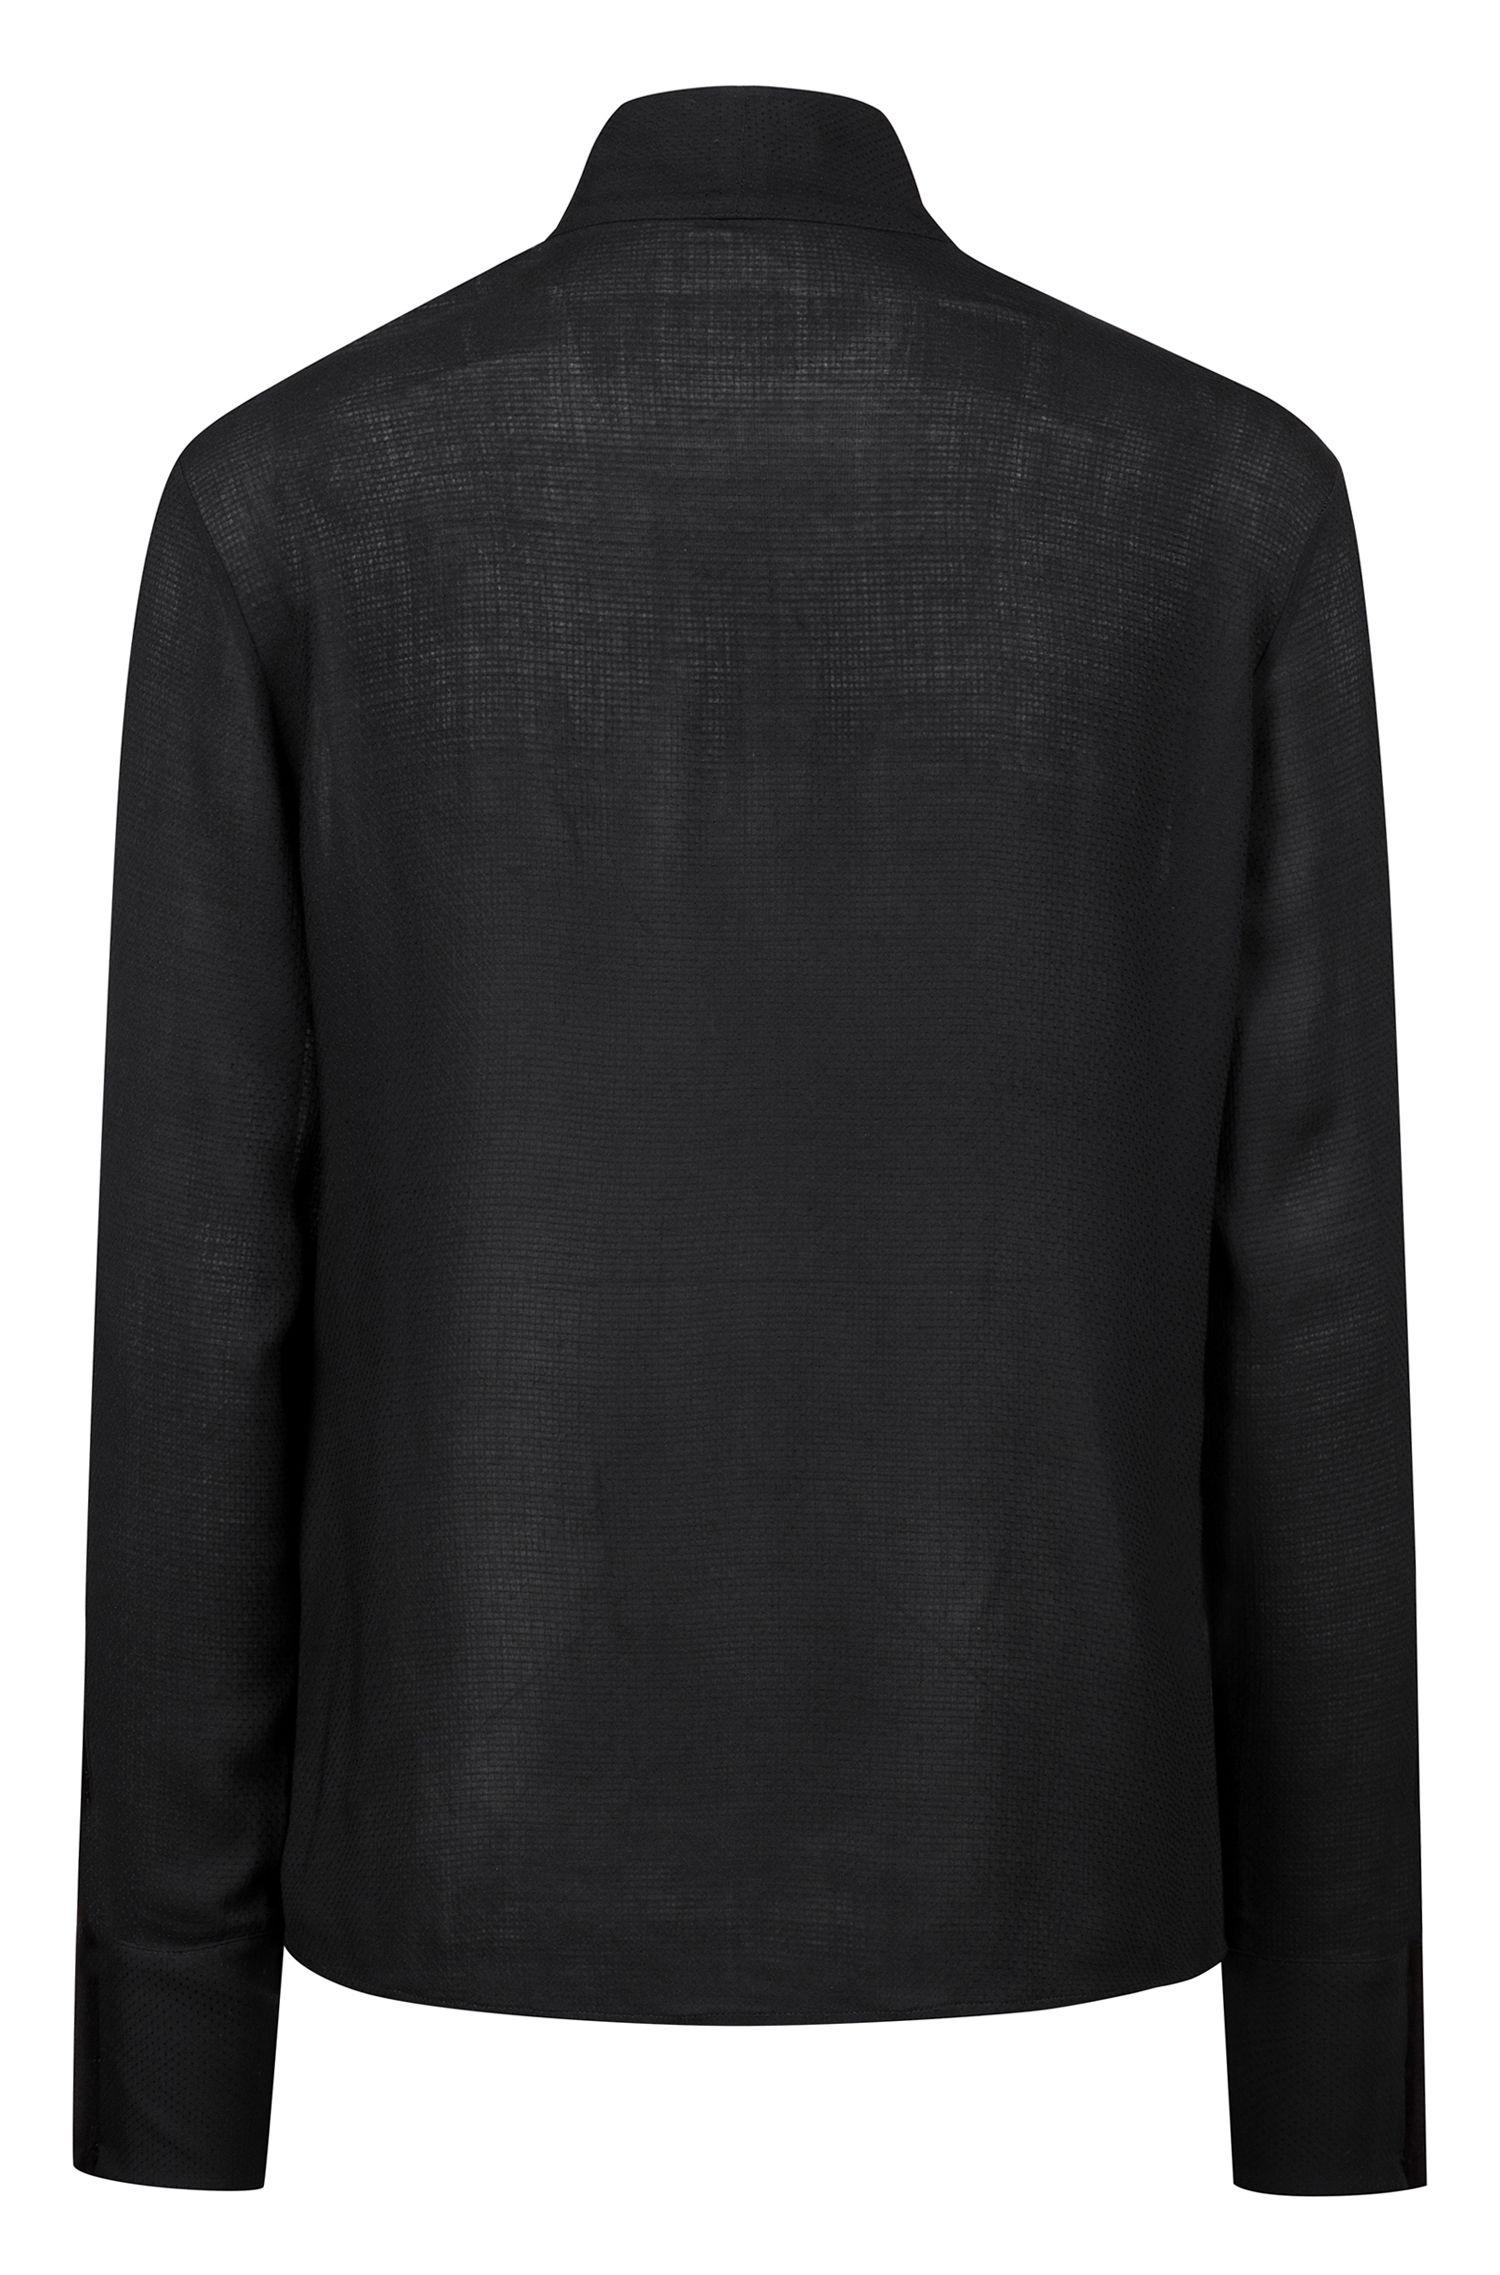 Chemisier Regular Fit en tissu texturé, avec lien à nouer à l'encolure, Noir